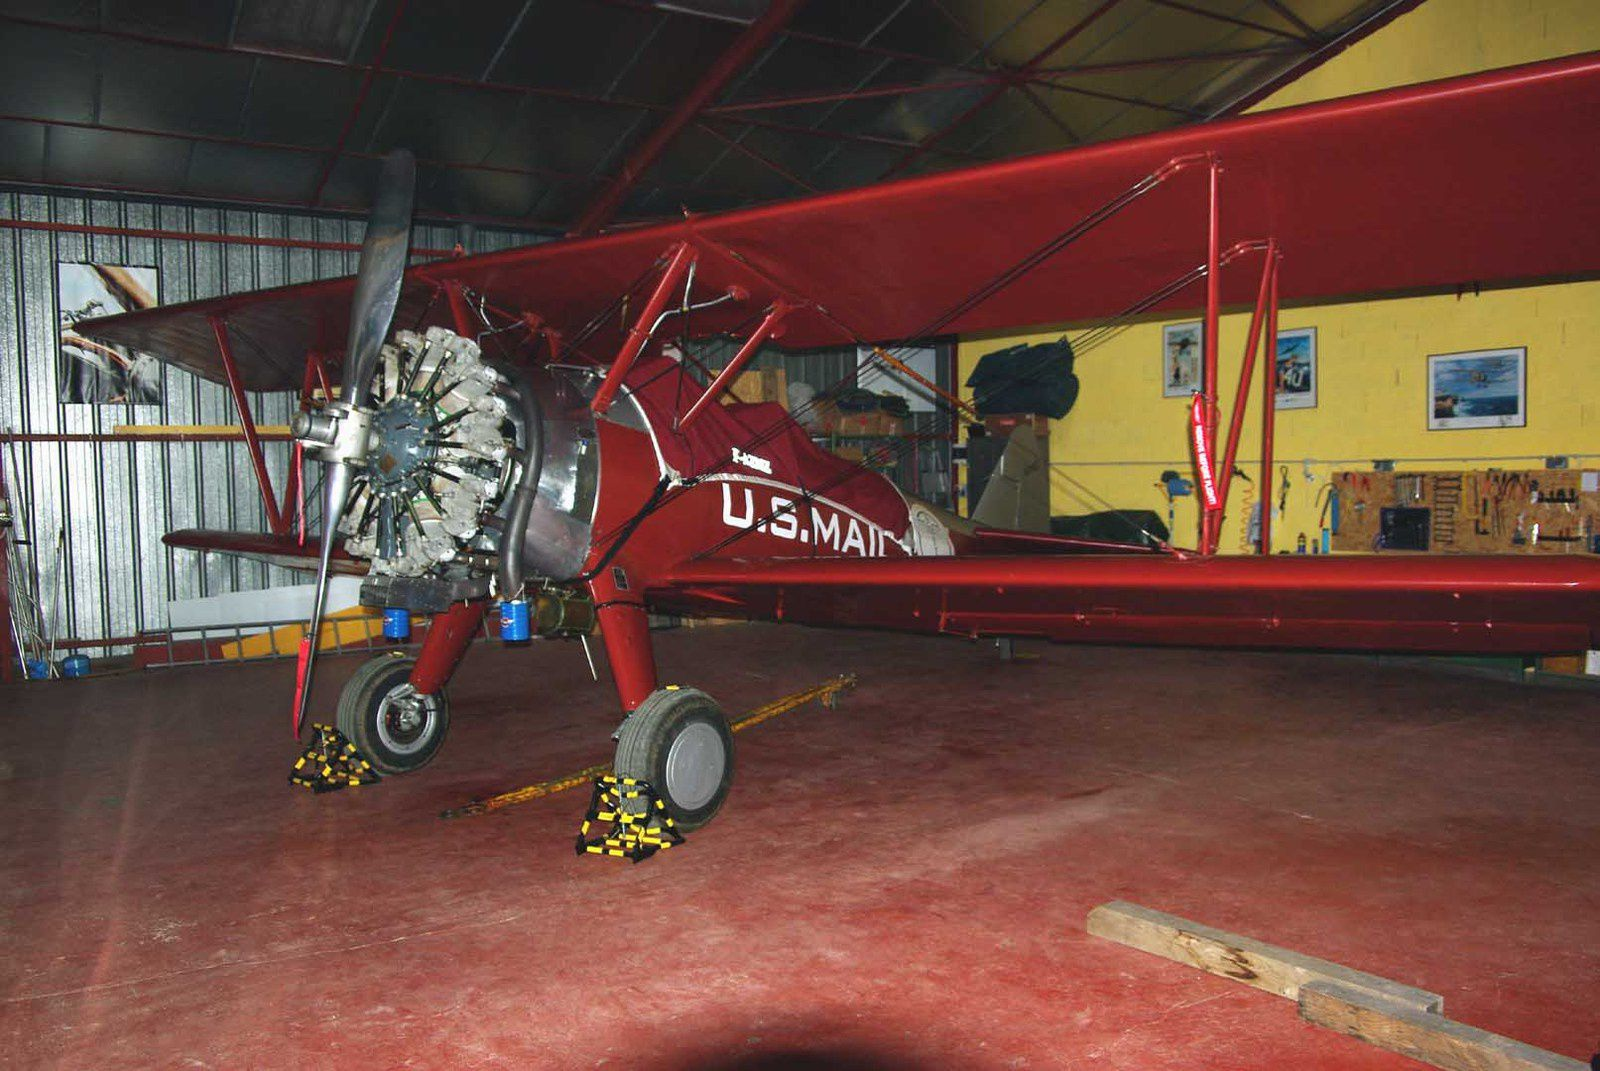 Aperçu au coin d'un hangar, le Boeing Stearman F-AZMZ avec sa nouvelle peinture.